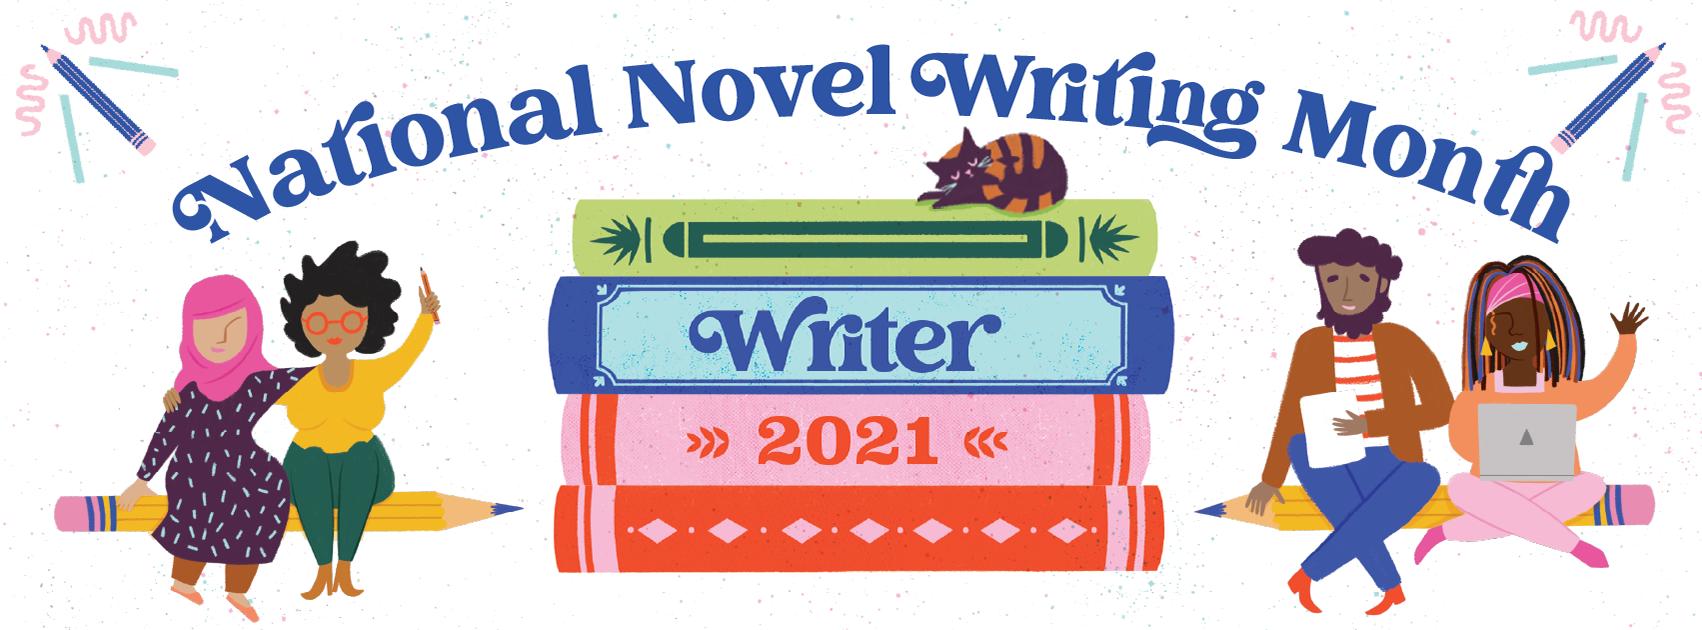 NaNoWrimo 2021 - Facebook Banner - Design by Andrea Floren